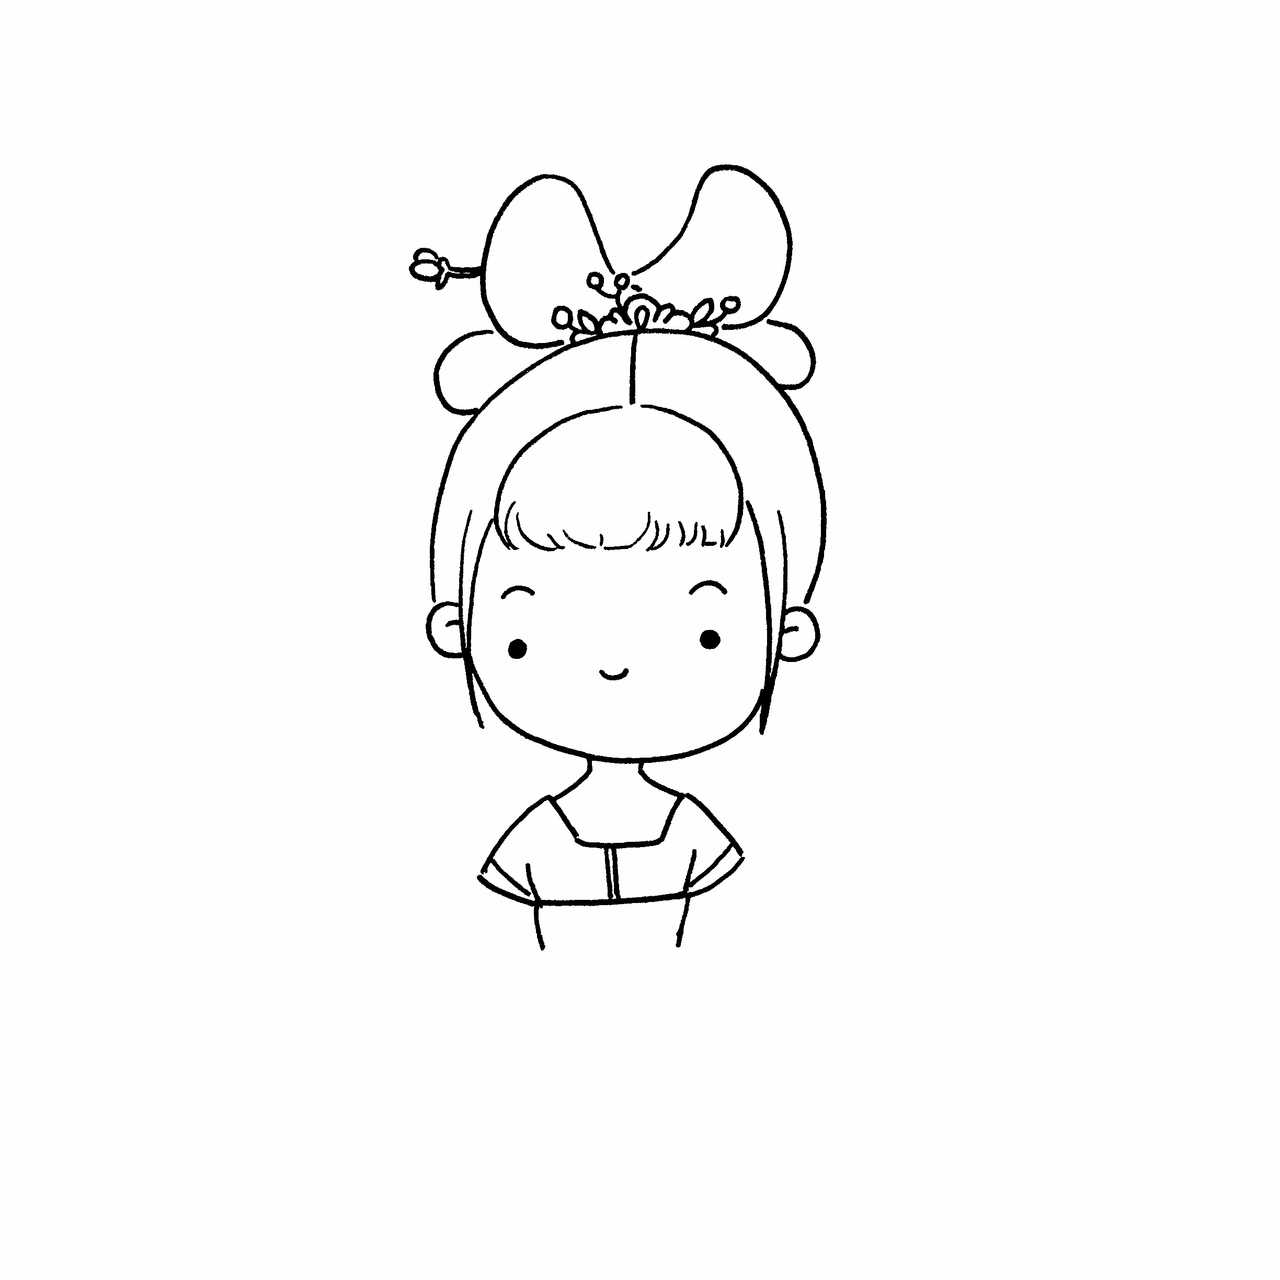 捕蝶网简笔画